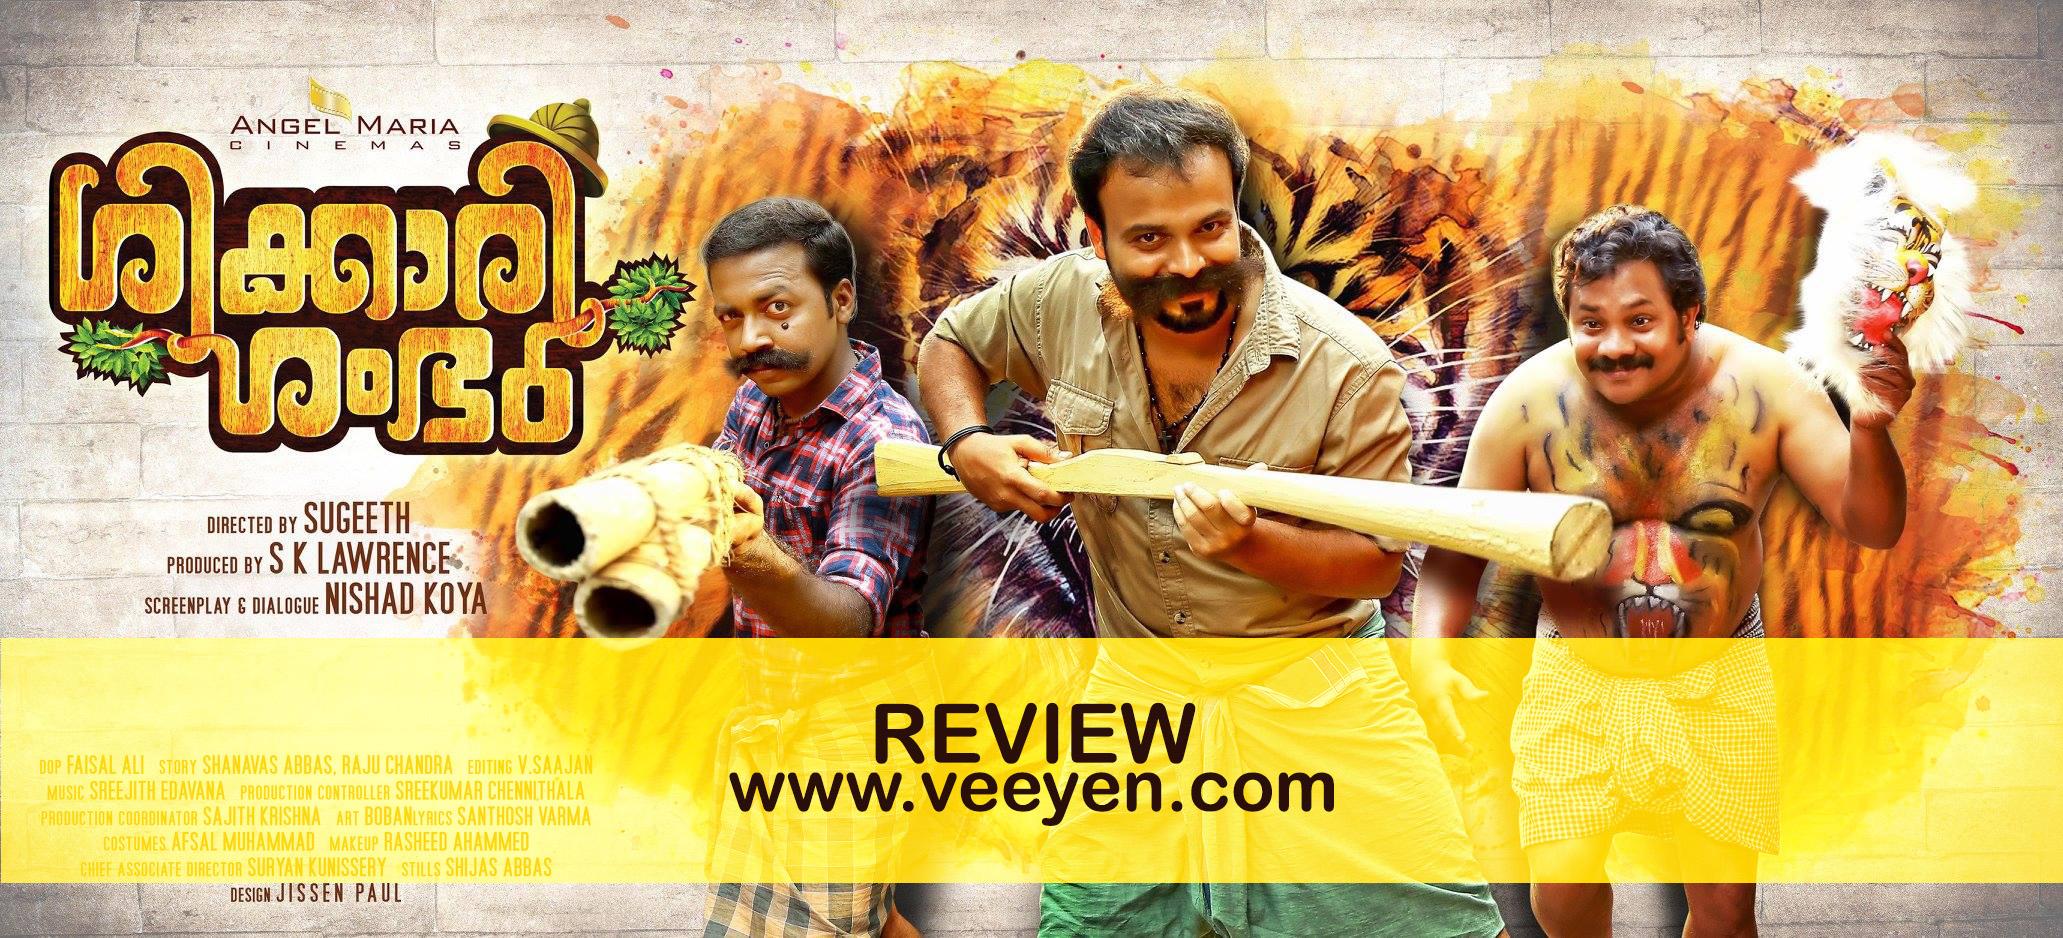 Shikkari Shambhu 2018 Malayalam Movie Review Veeyen Veeyen